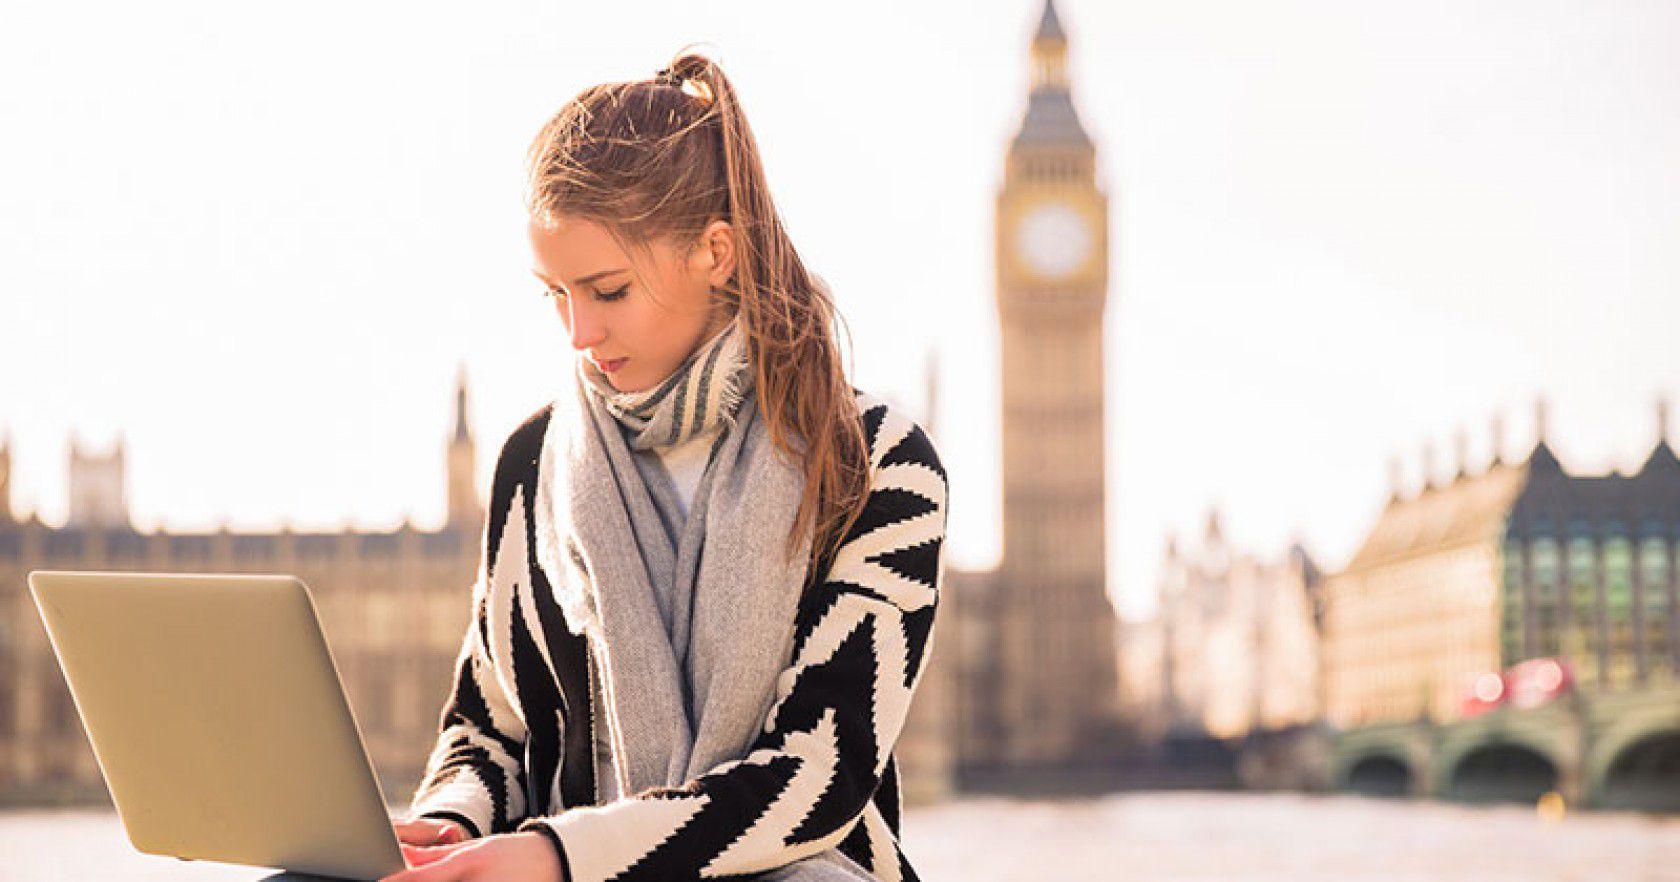 İngiltere Lise Eğitimi SSAT Sınavı Başvurusu Koşulları Nelerdir?